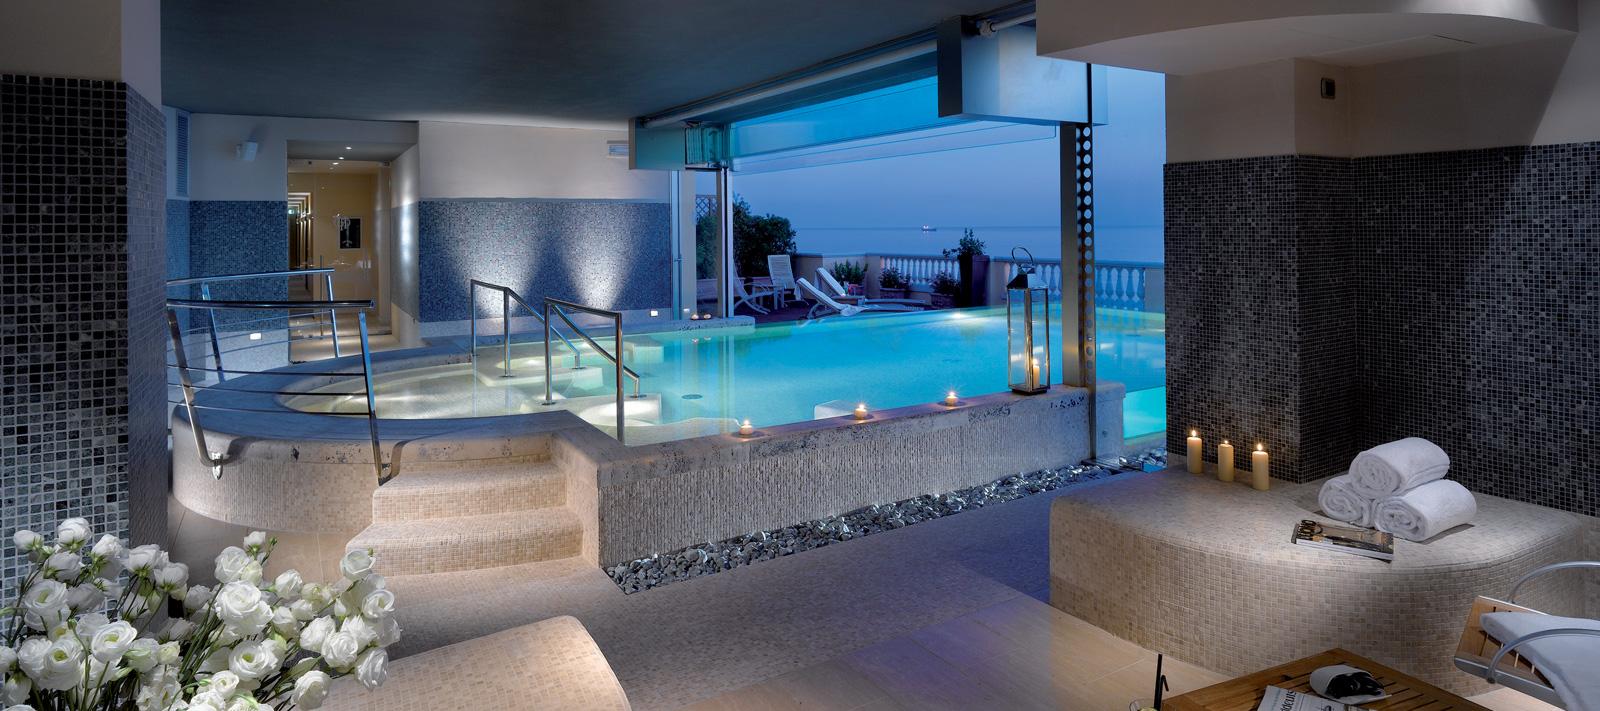 piscine-lusso-interne